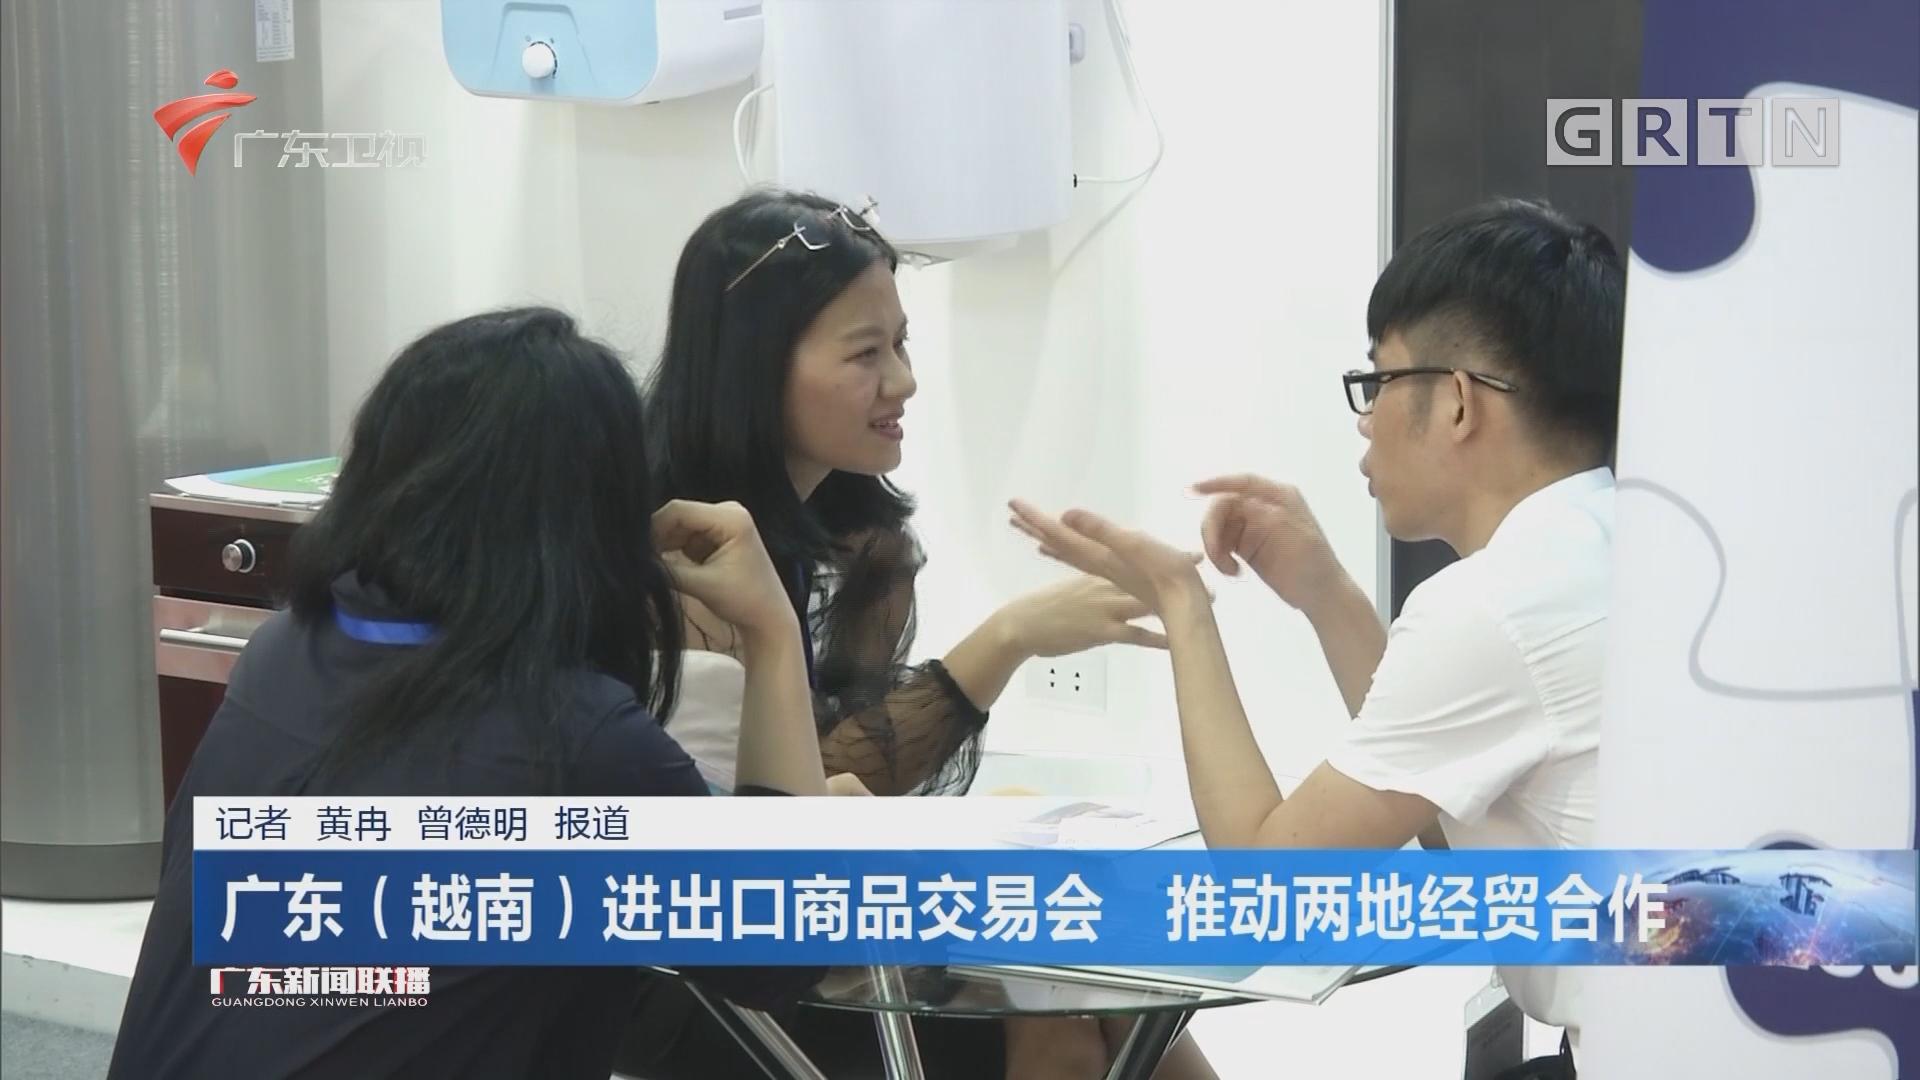 广东(越南)进出口商品交易会 推动两地经贸合作